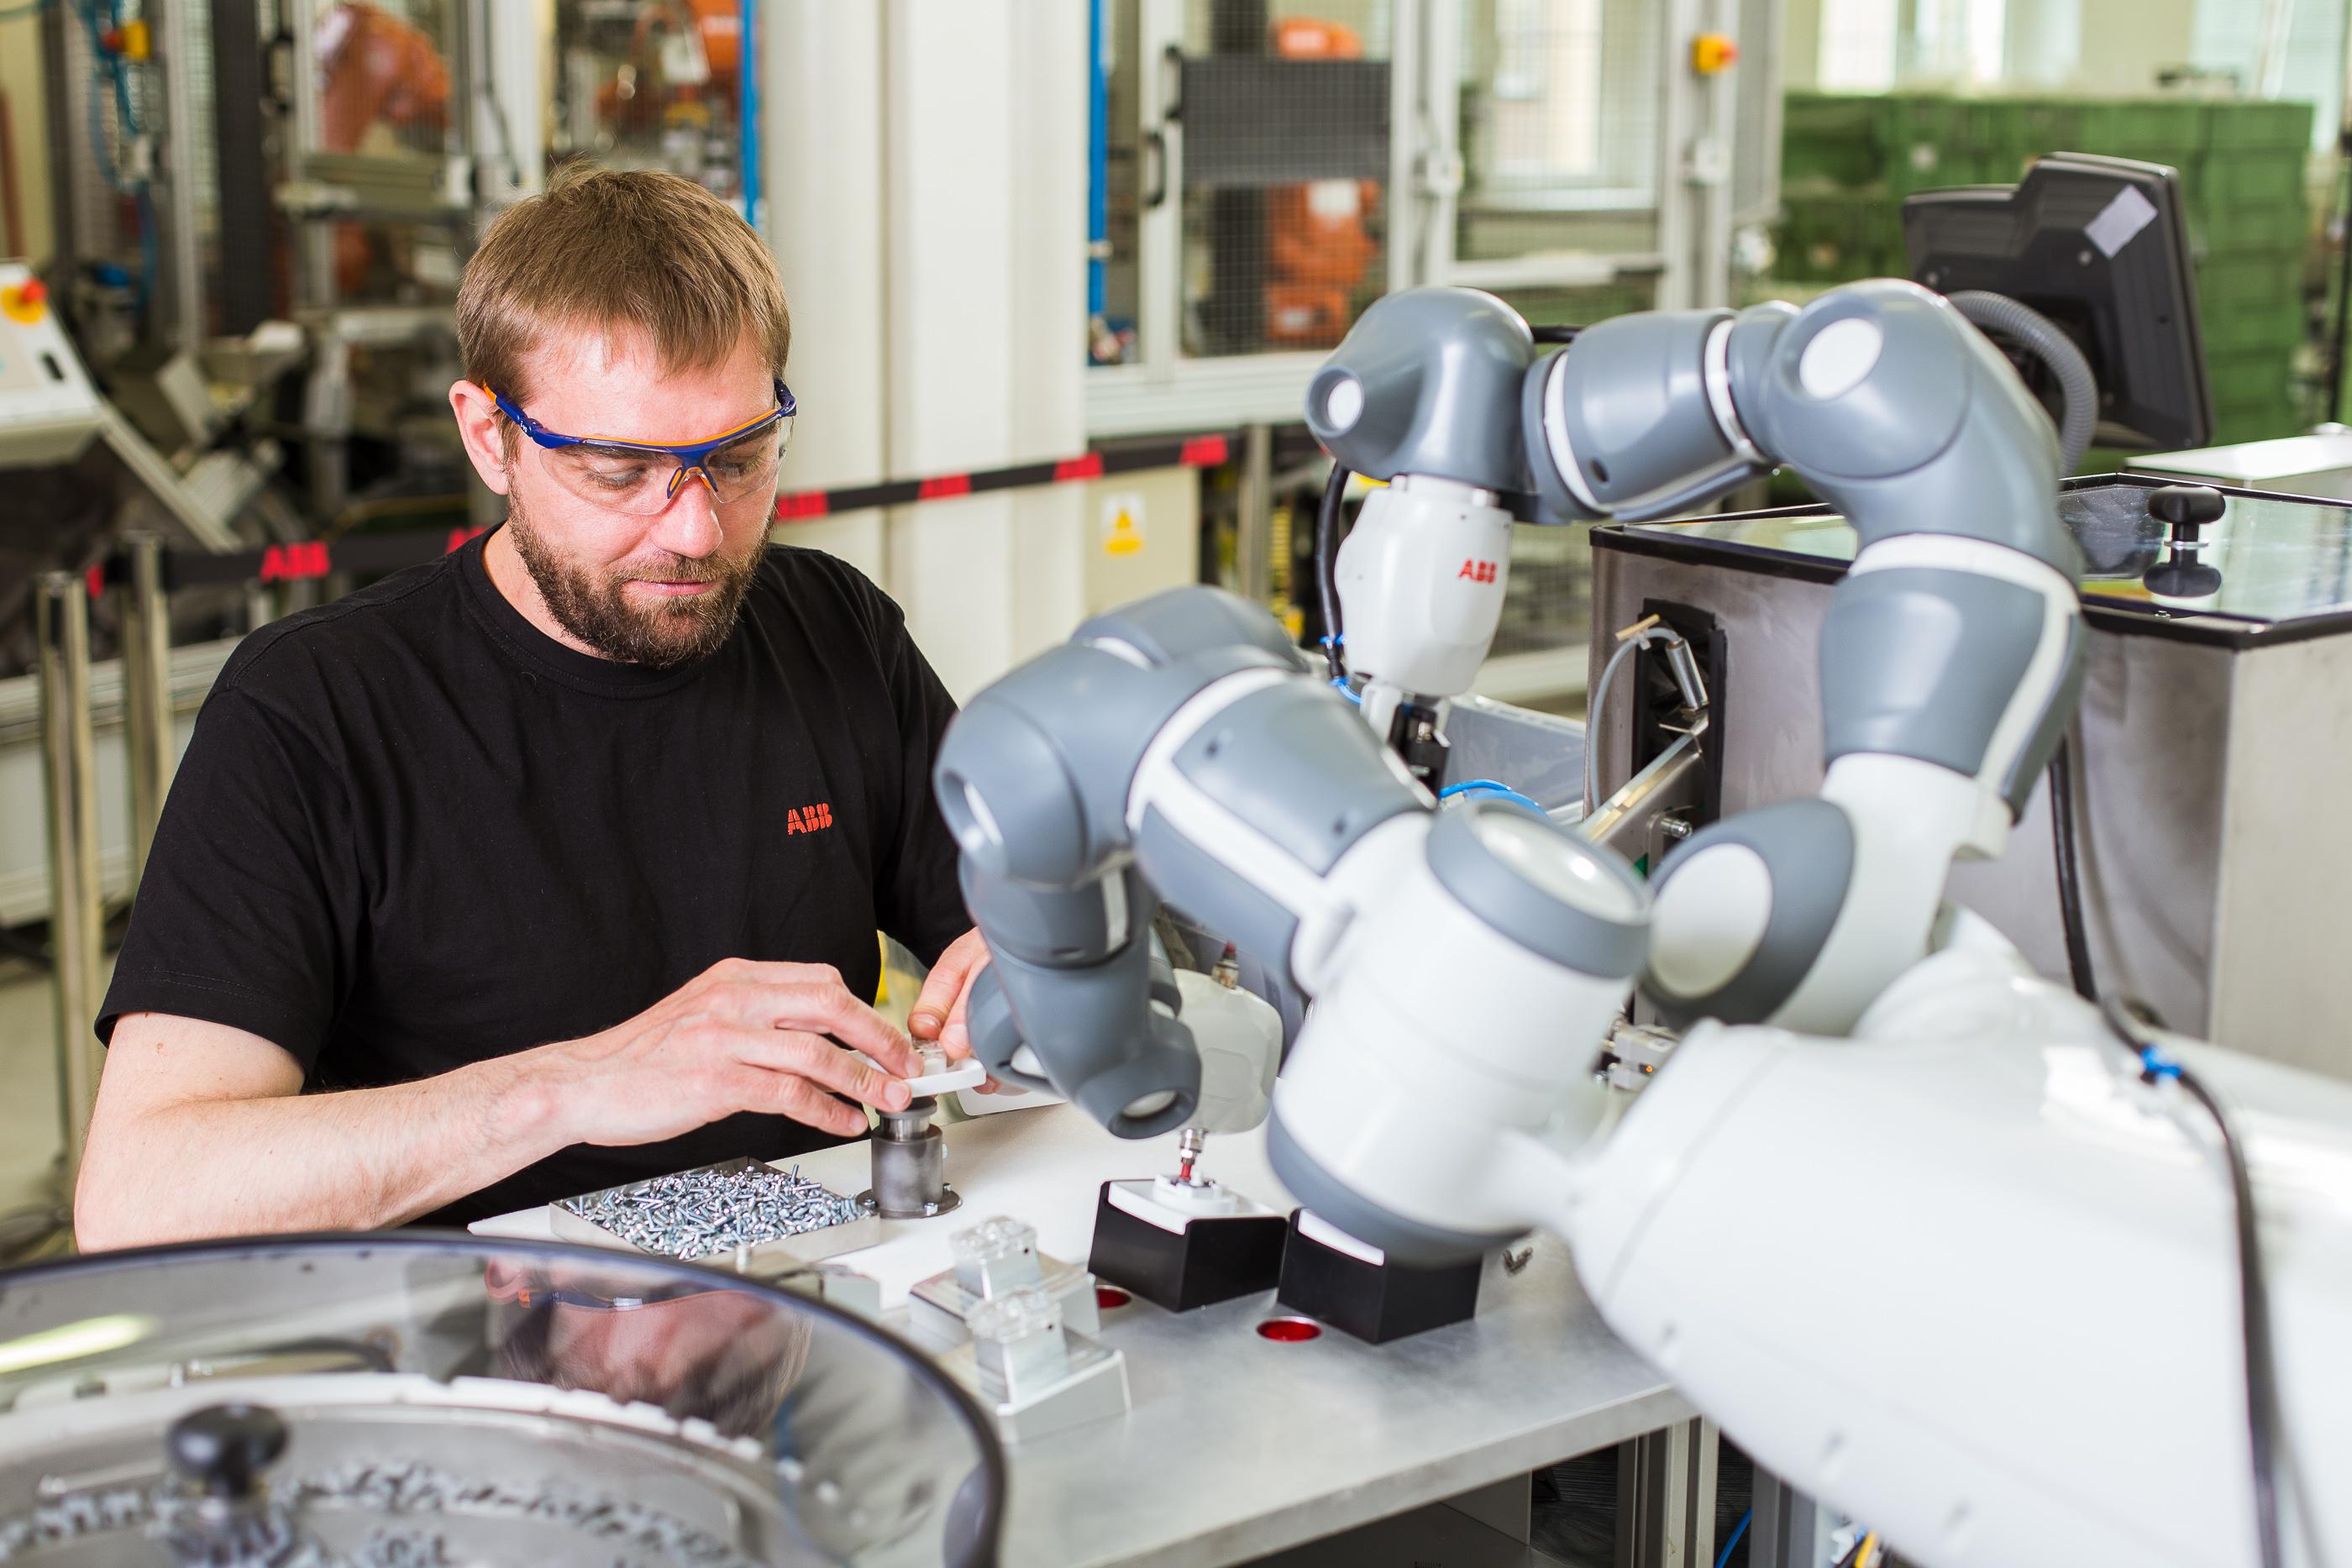 Hand in Hand mit den Mitarbeitern sorgt der kollaborative Roboter YuMi im Montageprozess für eine bessere Teilequalität und Arbeitsplatzergonomie. (Bild: ABB Automation GmbH)